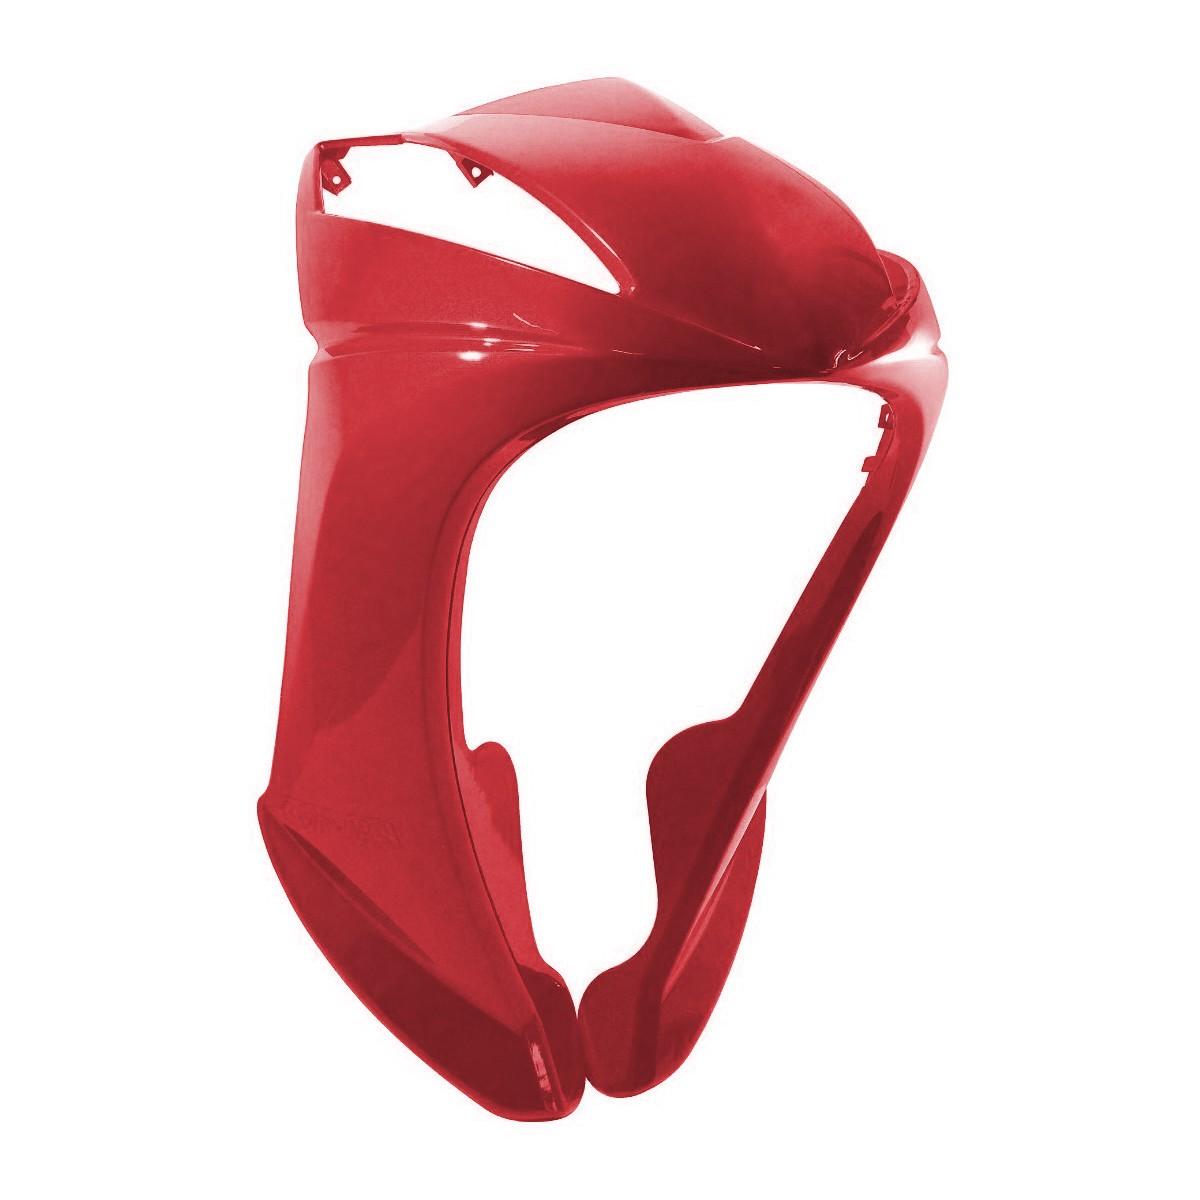 Cacha Carenado Frente Rojo Corven Energy 125 Original